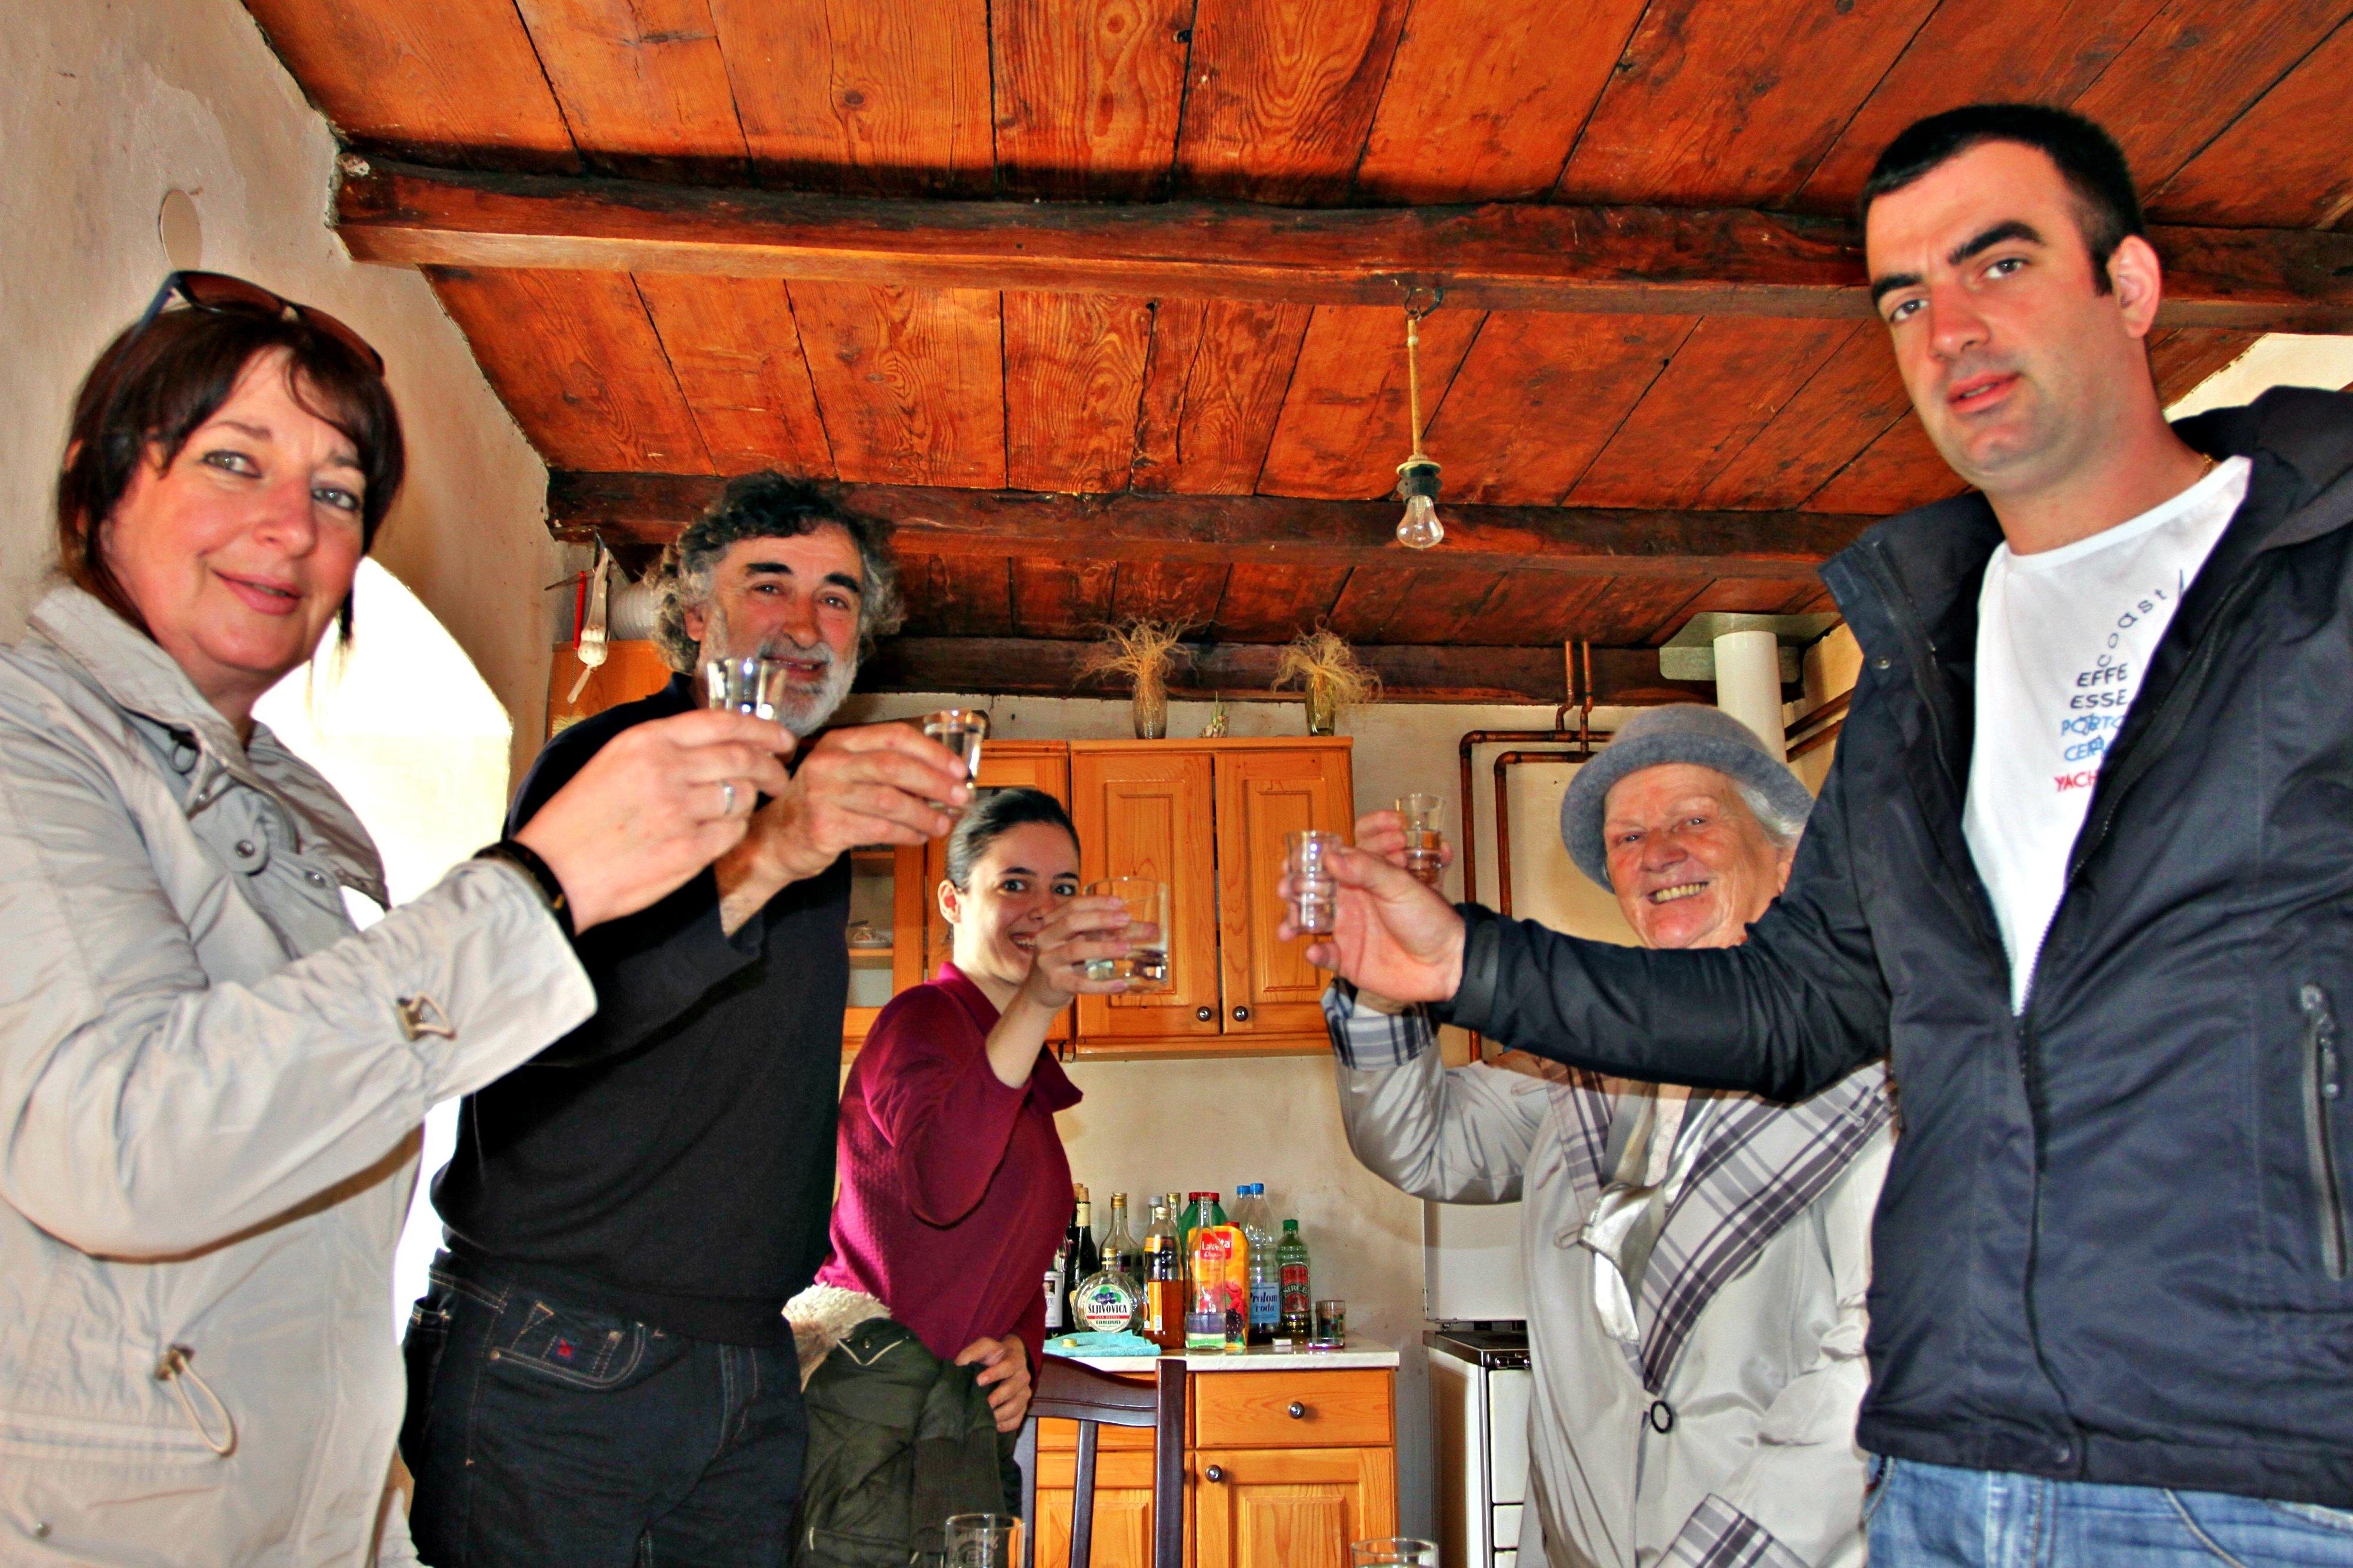 VELKOMMEN: En snaps hører til foran et hvert måltid eller velkomst i Balkan-landene. Her er vi på fjellgården